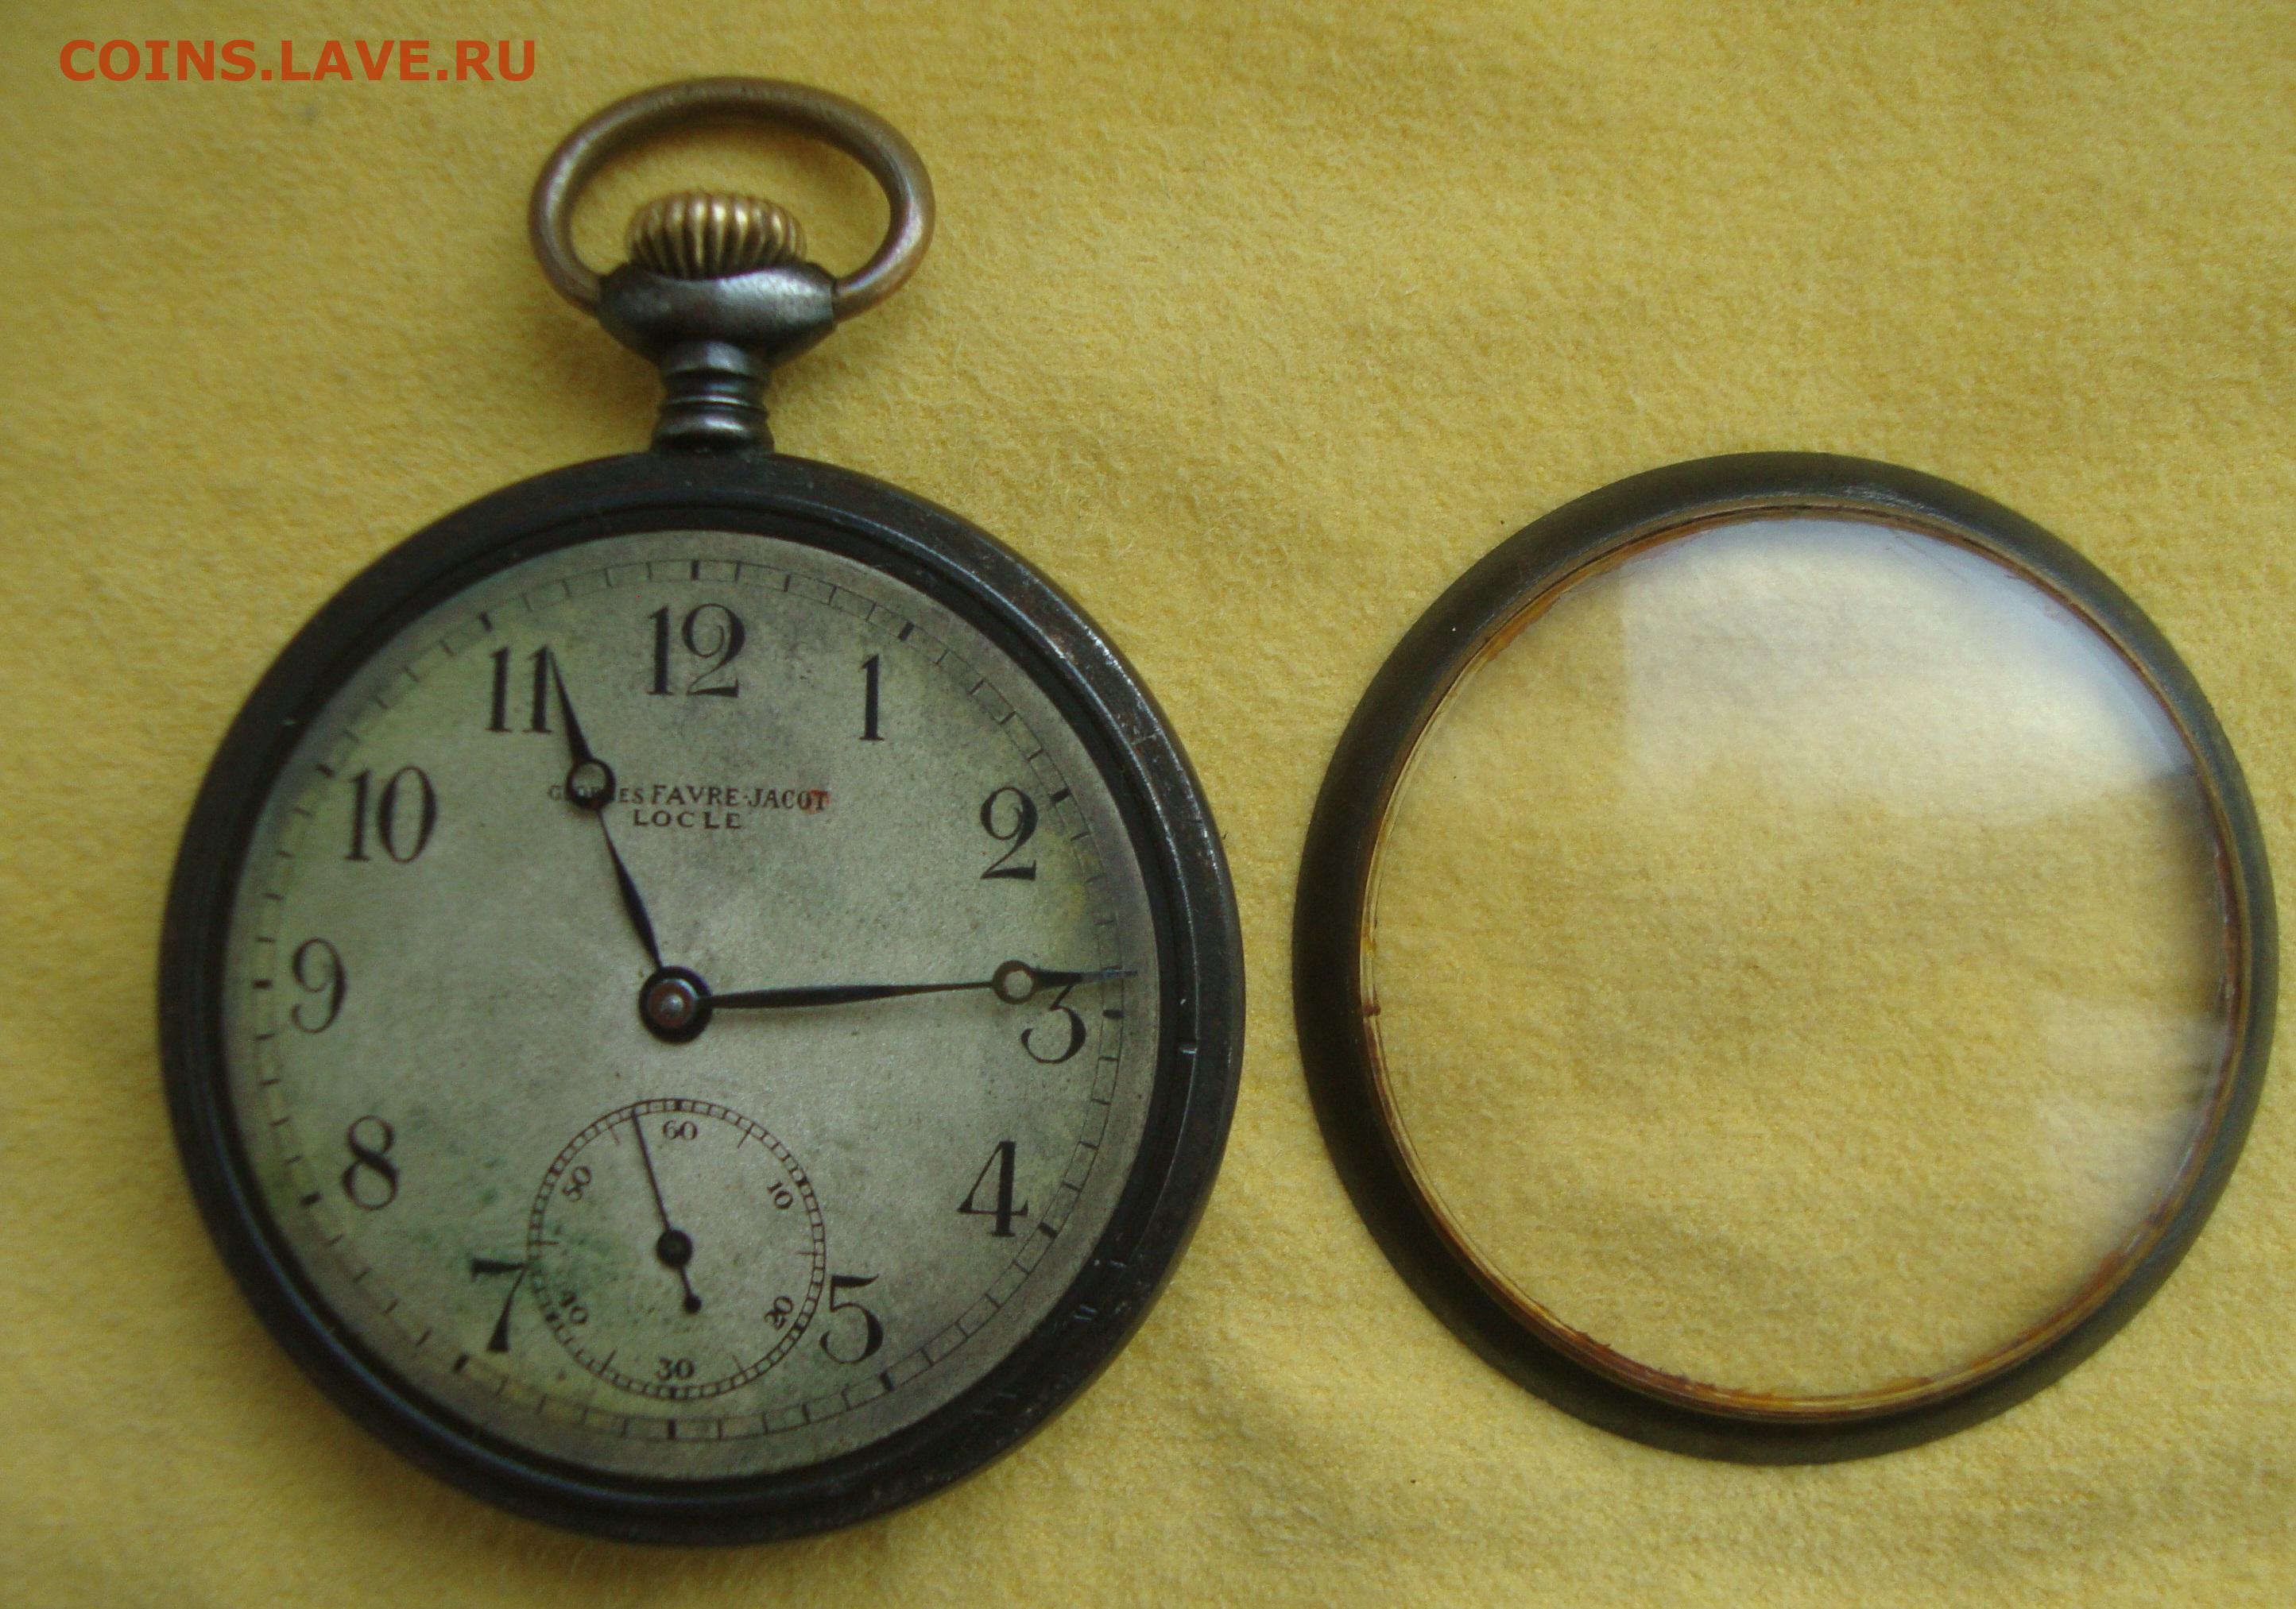 Favre jacot georges стоимость часы au продать часы с пробой